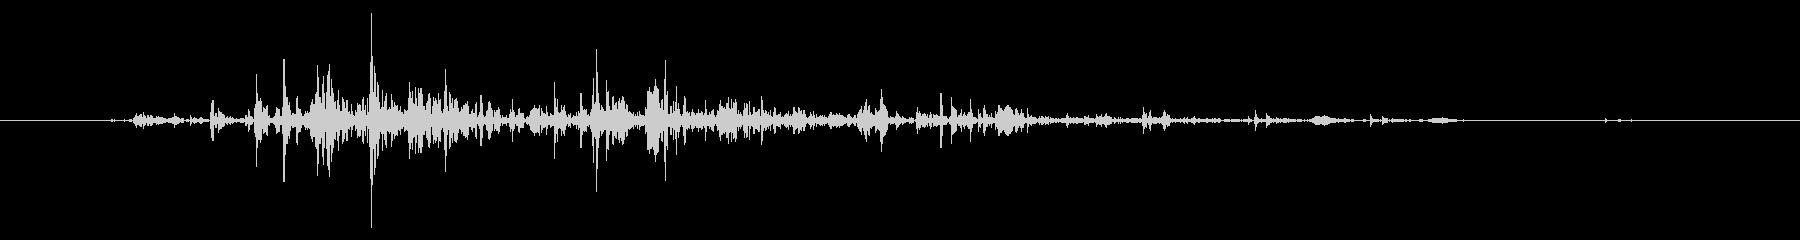 ネバネバ、ヌメヌメとした不気味な音B#1の未再生の波形